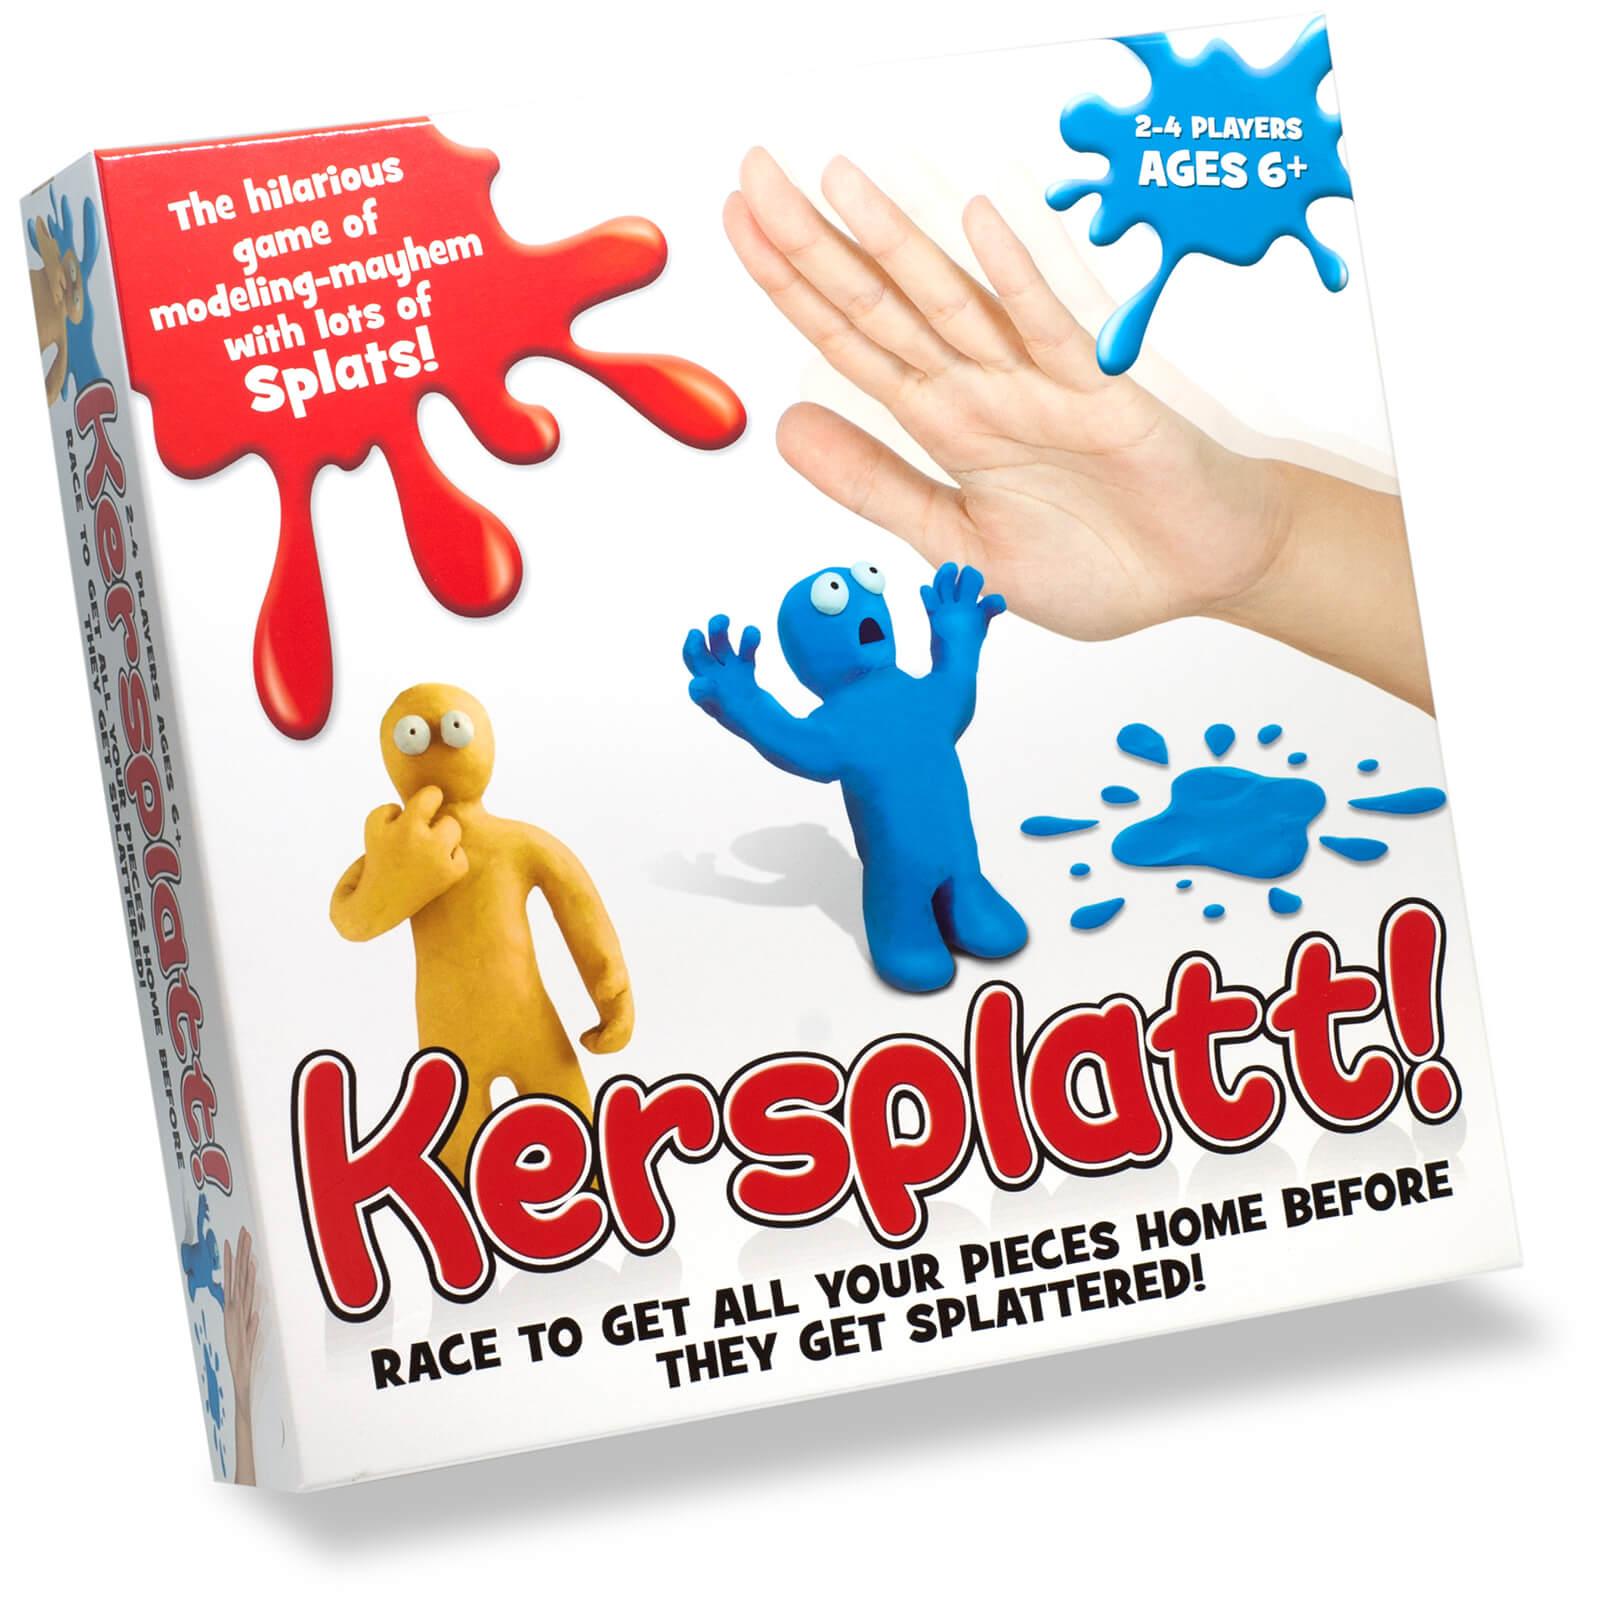 Image of Kersplatt Game